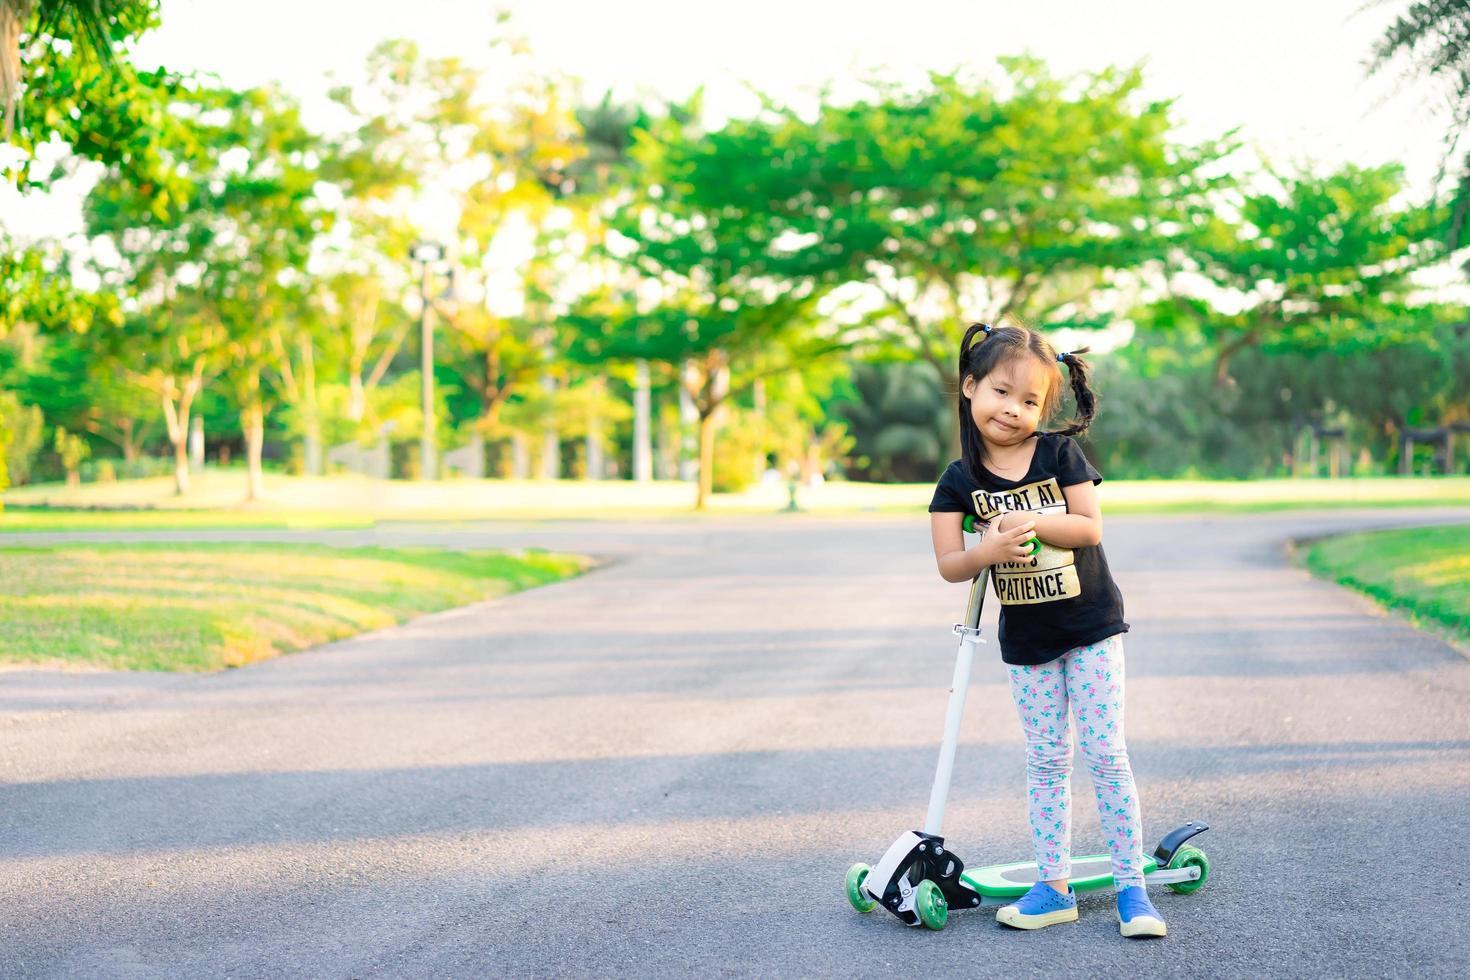 jeune fille asiatique, promenades, scooter, dans parc photo